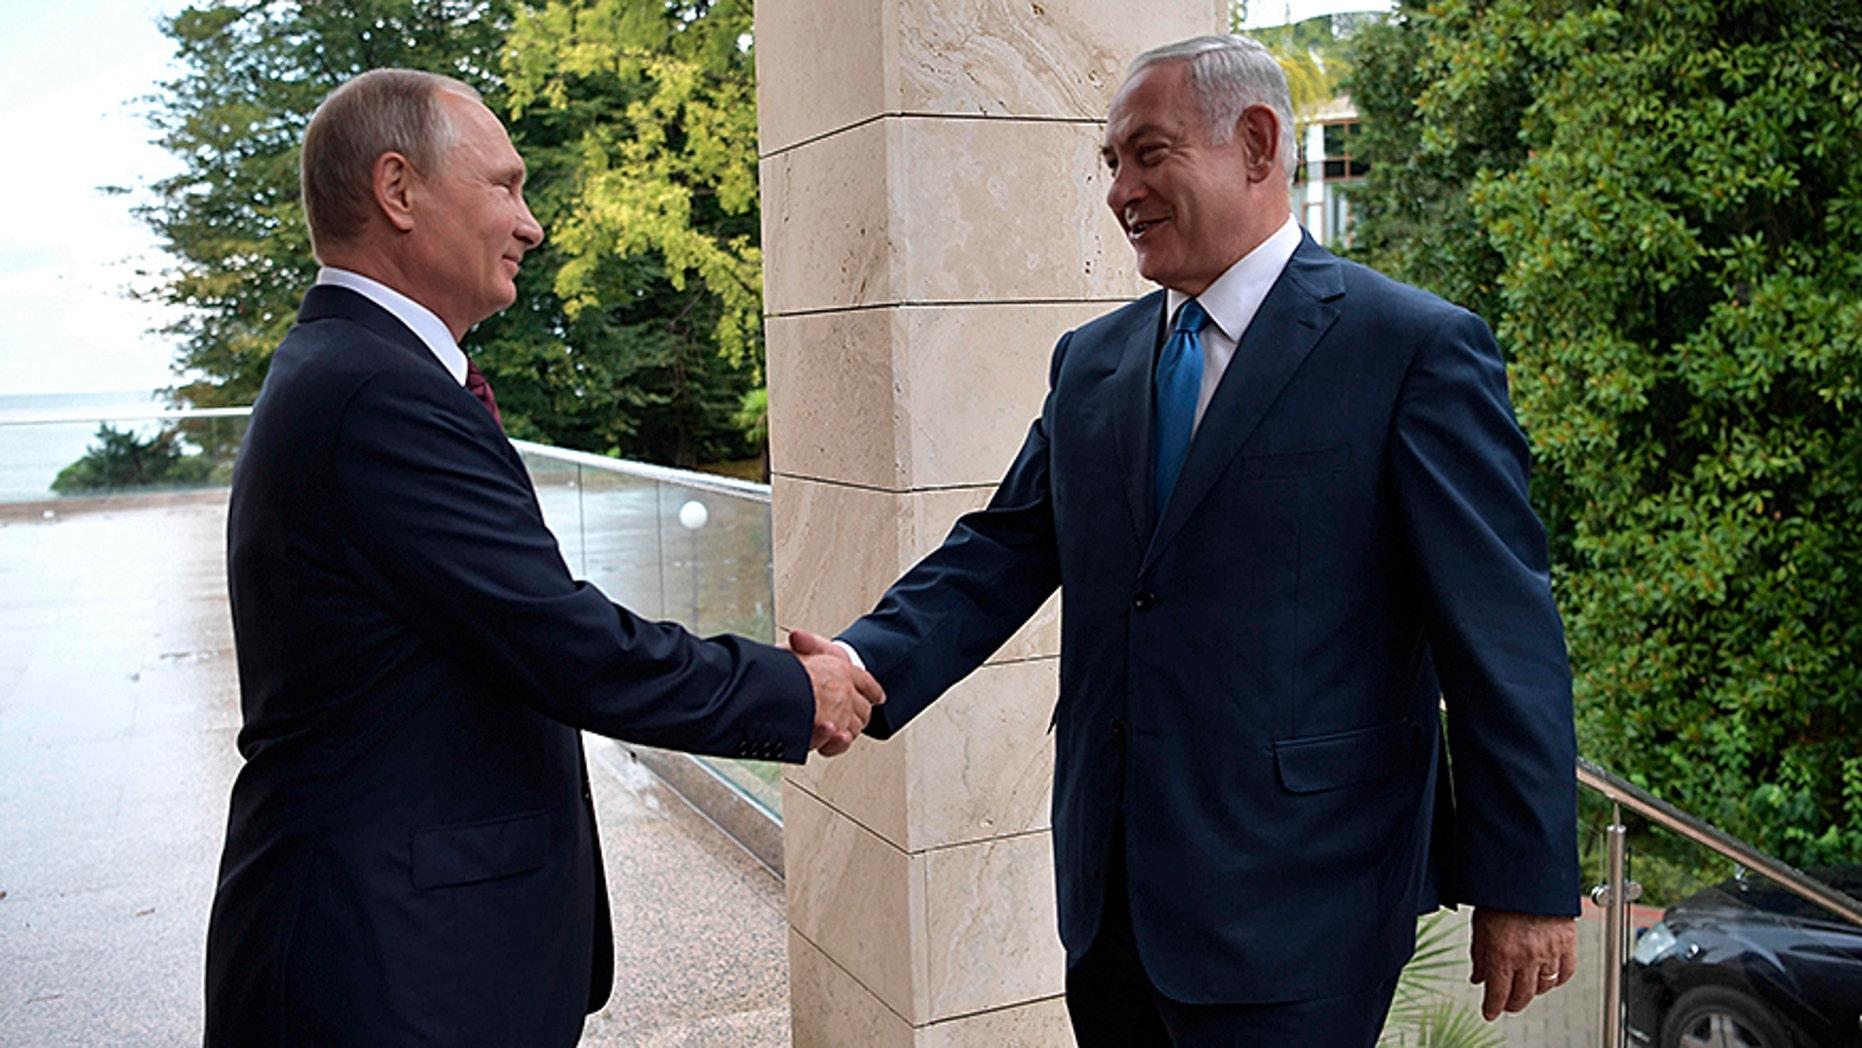 Russian President Vladimir Putin, left, welcomes Israeli Prime Minister Benjamin Netanyahu.